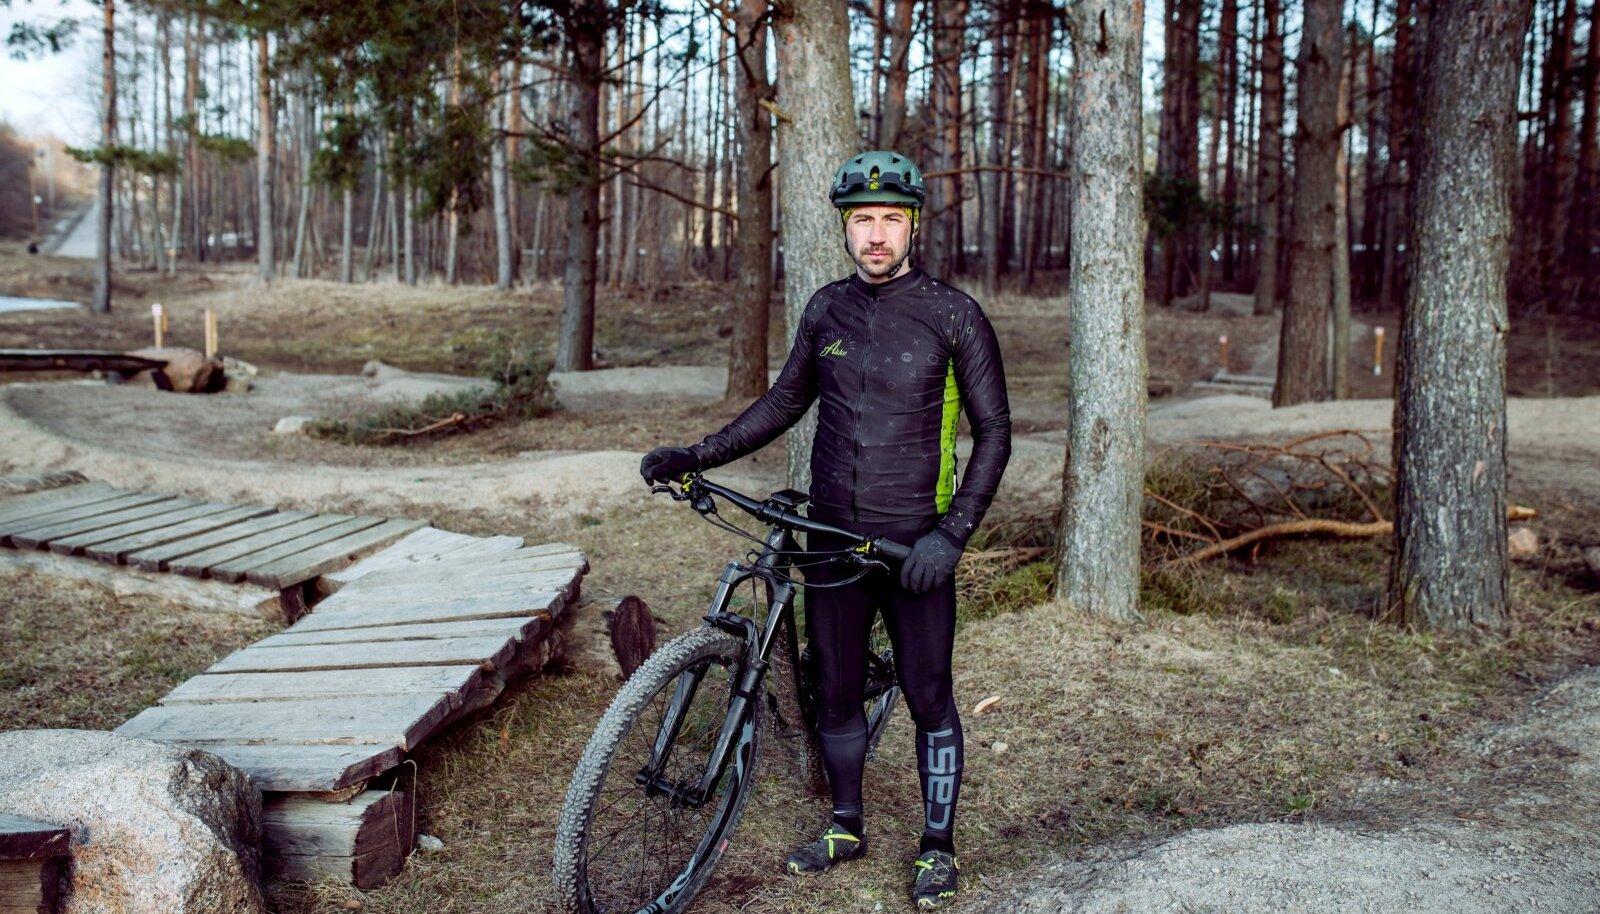 Rattasõit on Vova sõnul just midagi sellist, mida temasugune keskealine mees, kel on palju kohustusi, stressi maanda-miseks vajab.